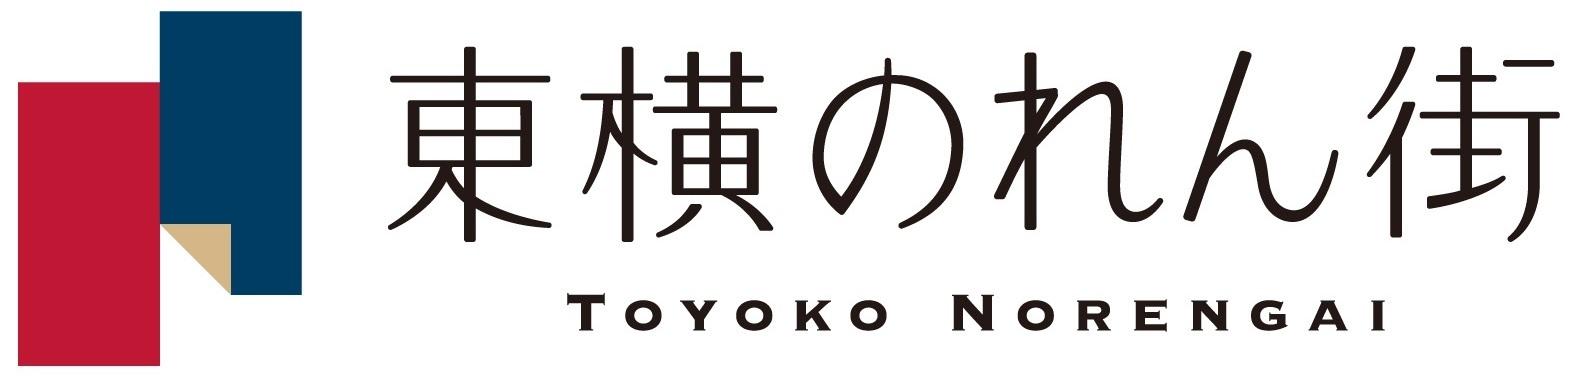 4月16日(木) 新たな「東横のれん街」が「渋谷ヒカリエ ShinQs」フードフロアに誕生!「東横の... 画像